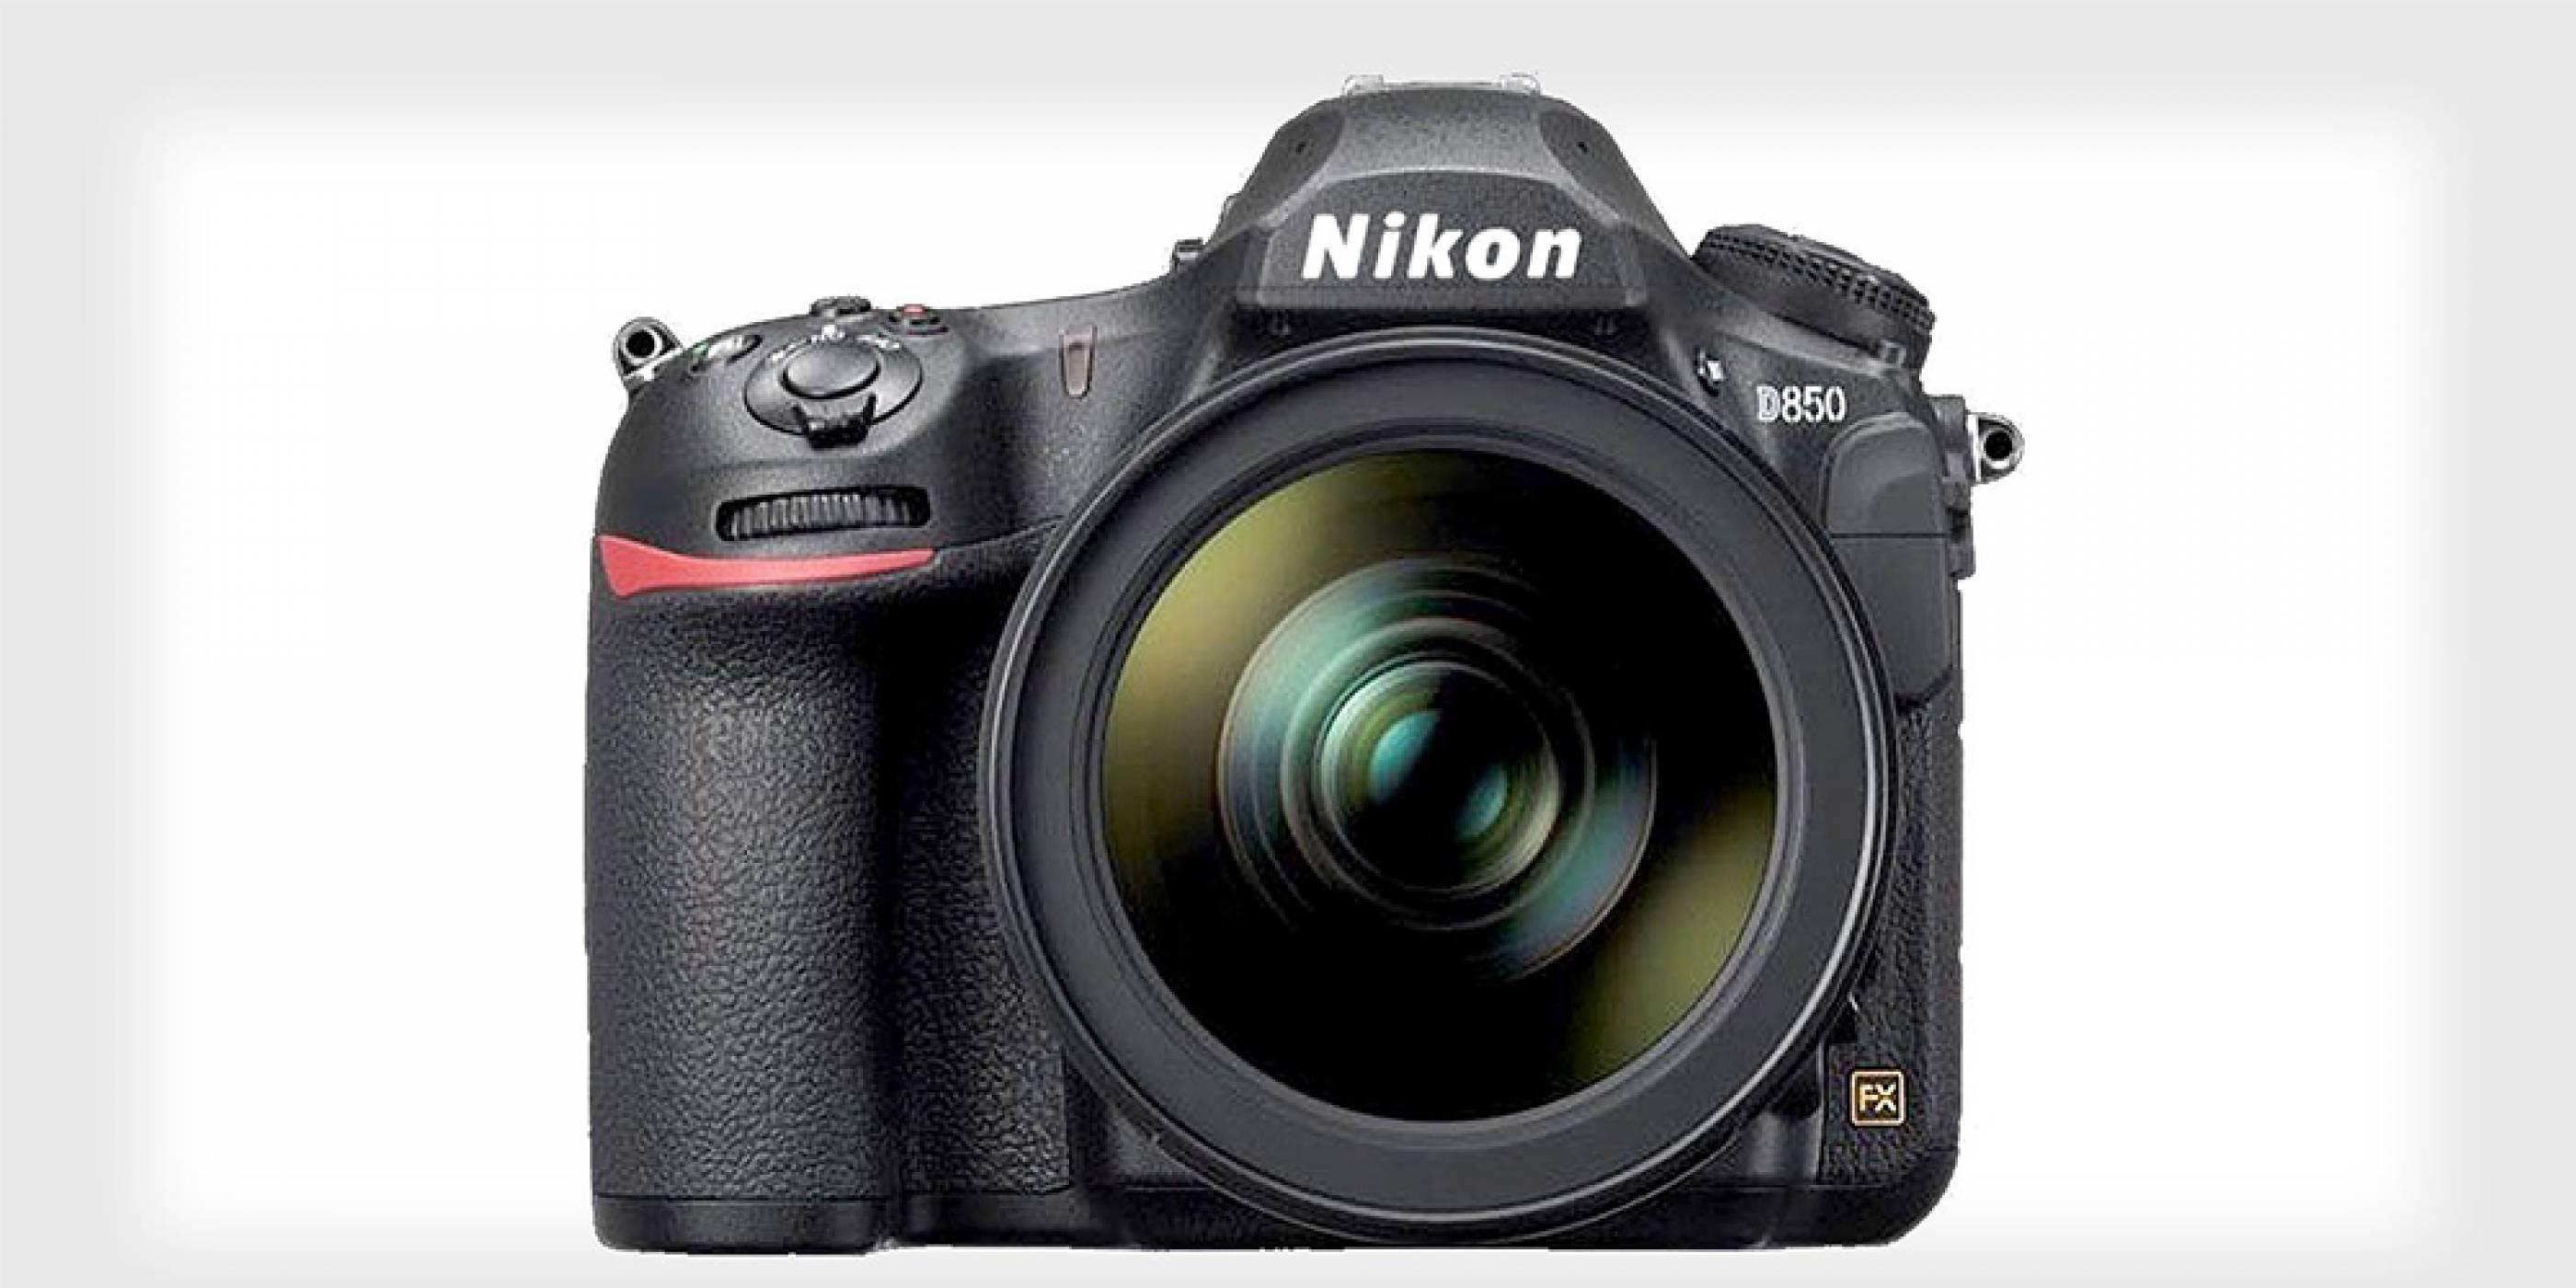 Изтекли слайдове с китайски надписи потвърждават характеристиките на Nikon D850